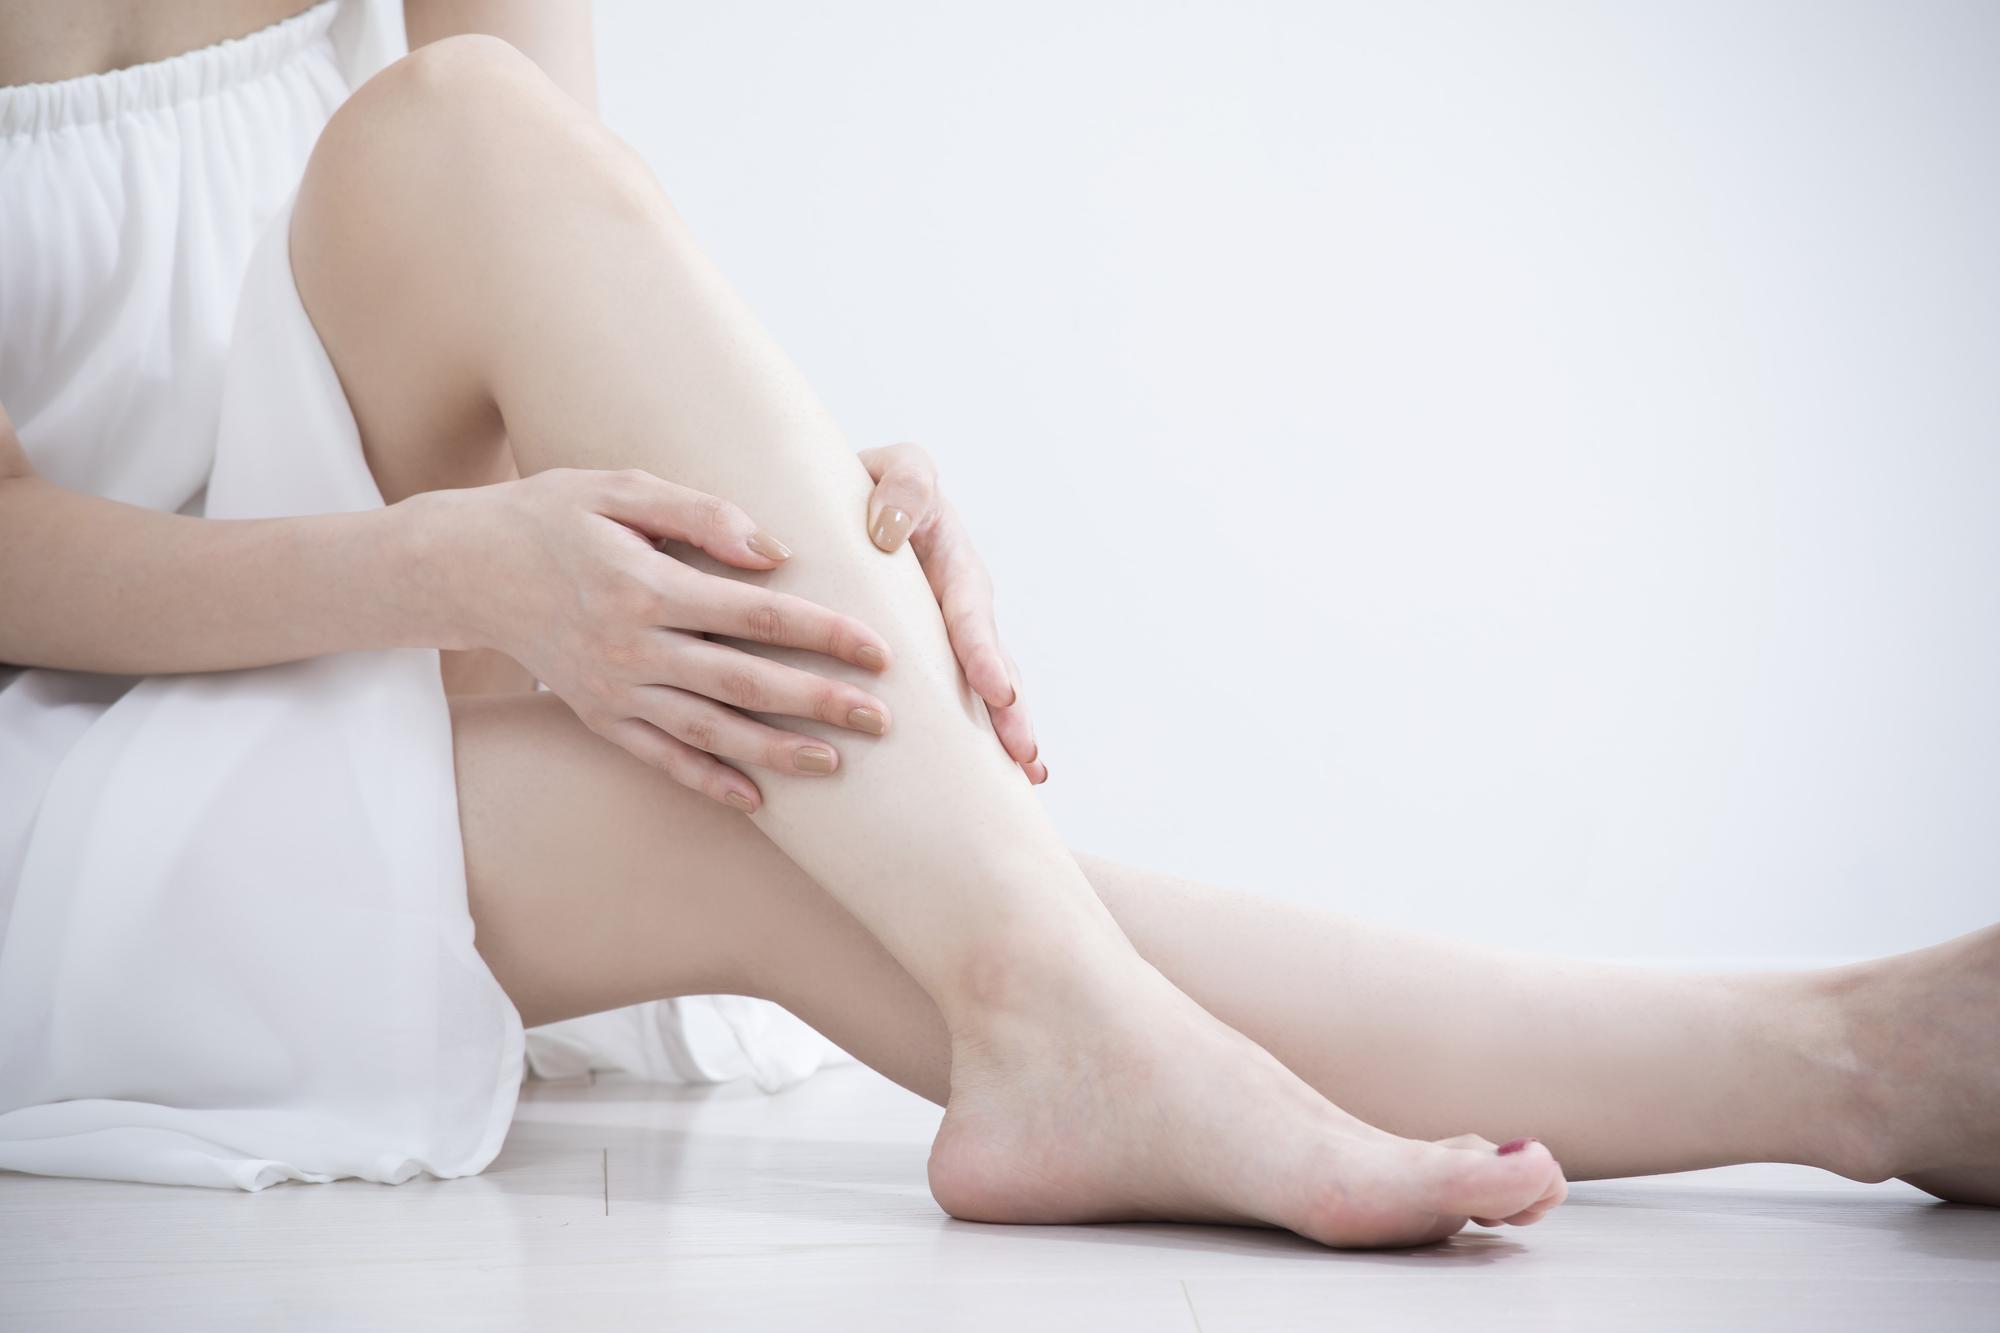 産後の足のむくみがひどい!解消法と原因。いつまで続く?|医師解説